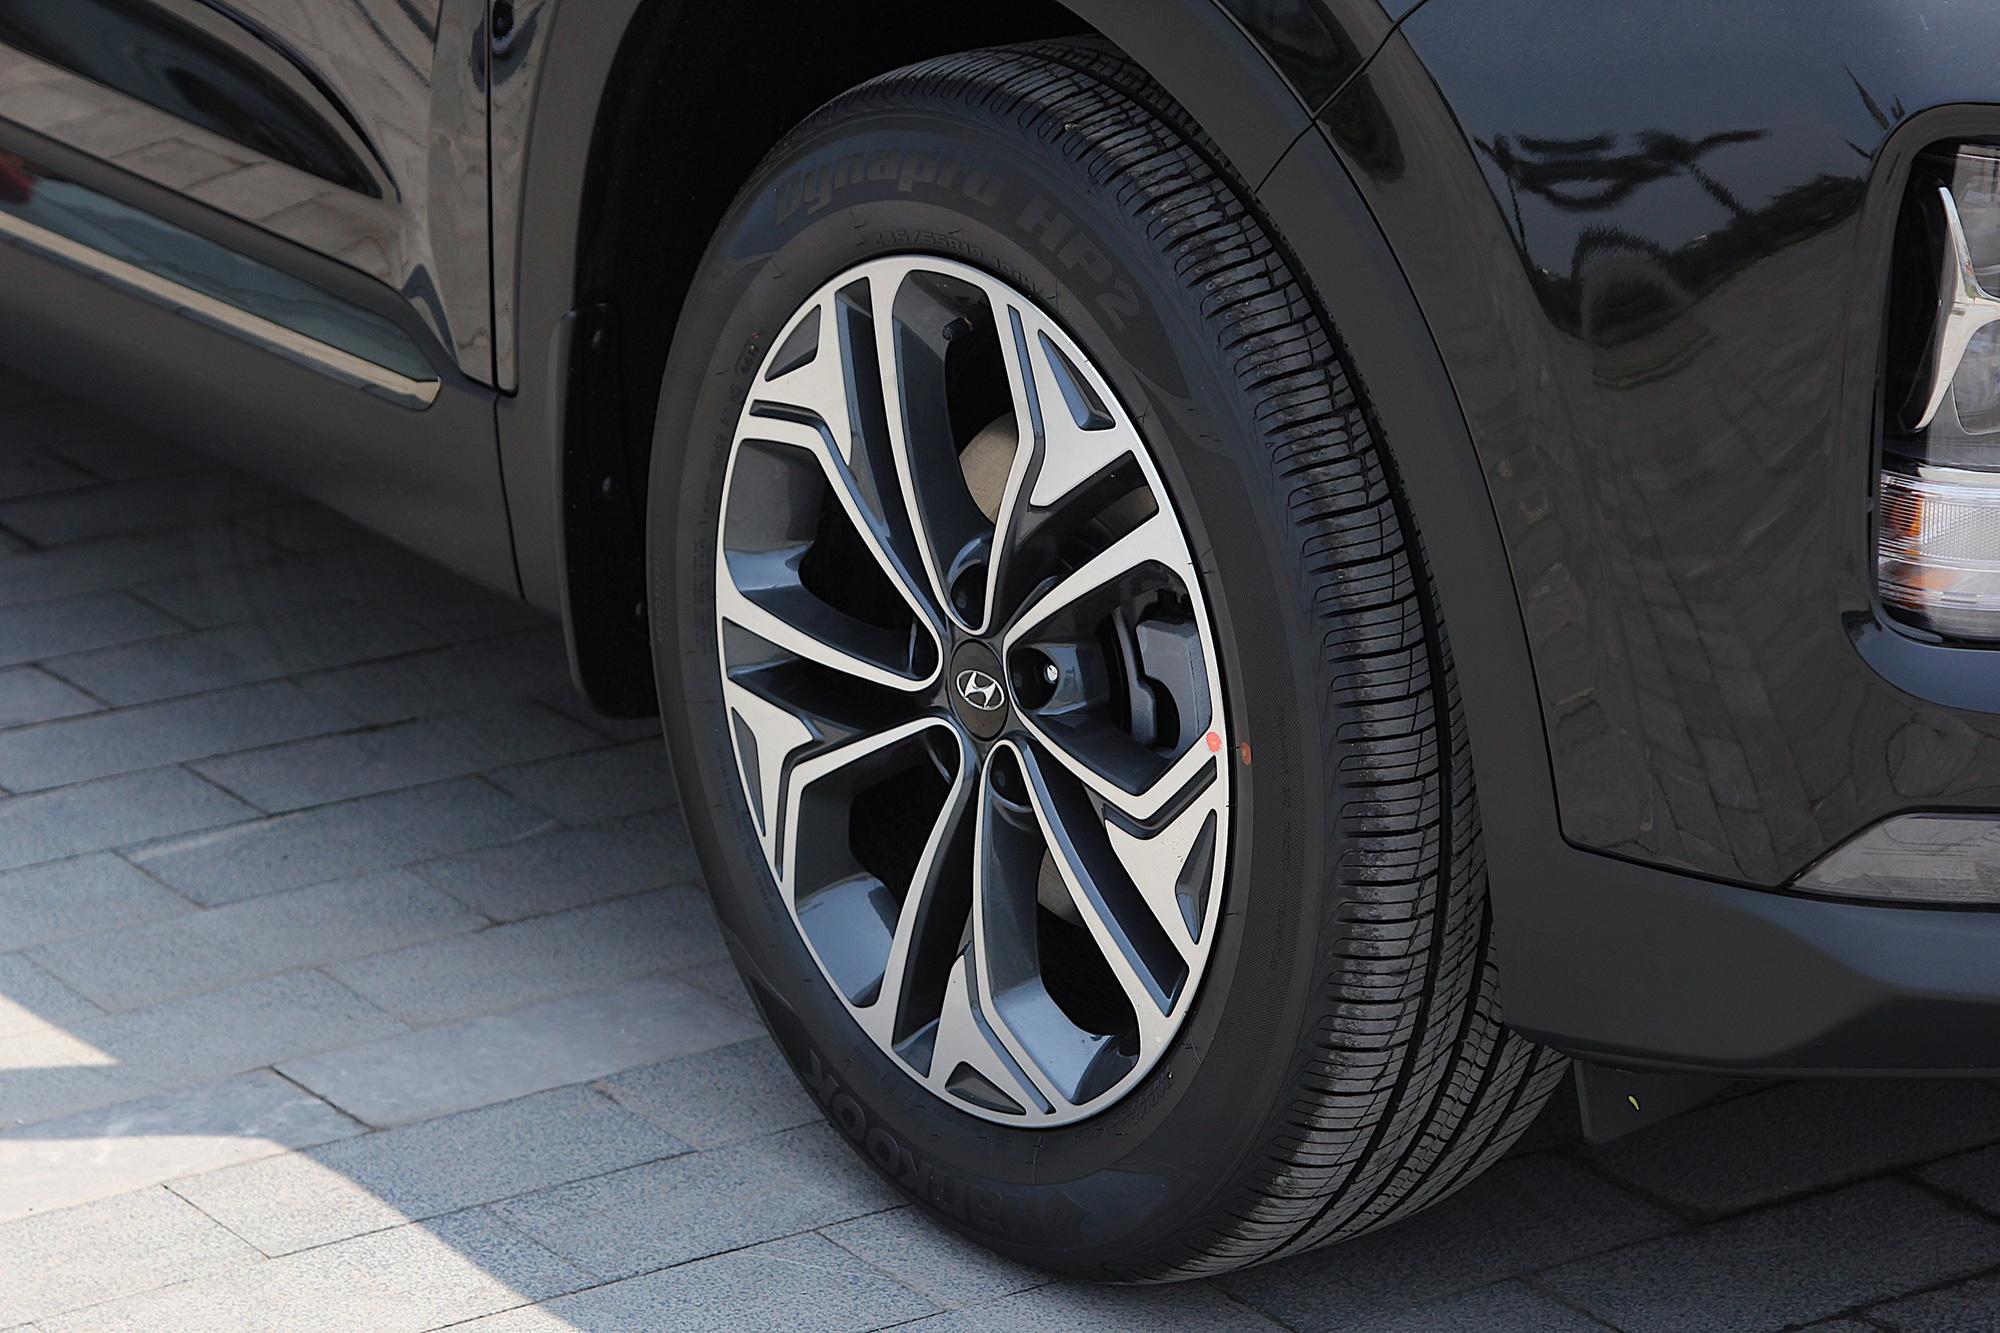 Phân khúc 1 tỷ đồng, chủ xe Hyundai SantaFe đánh giá ngỡ ngang - Ảnh 4.